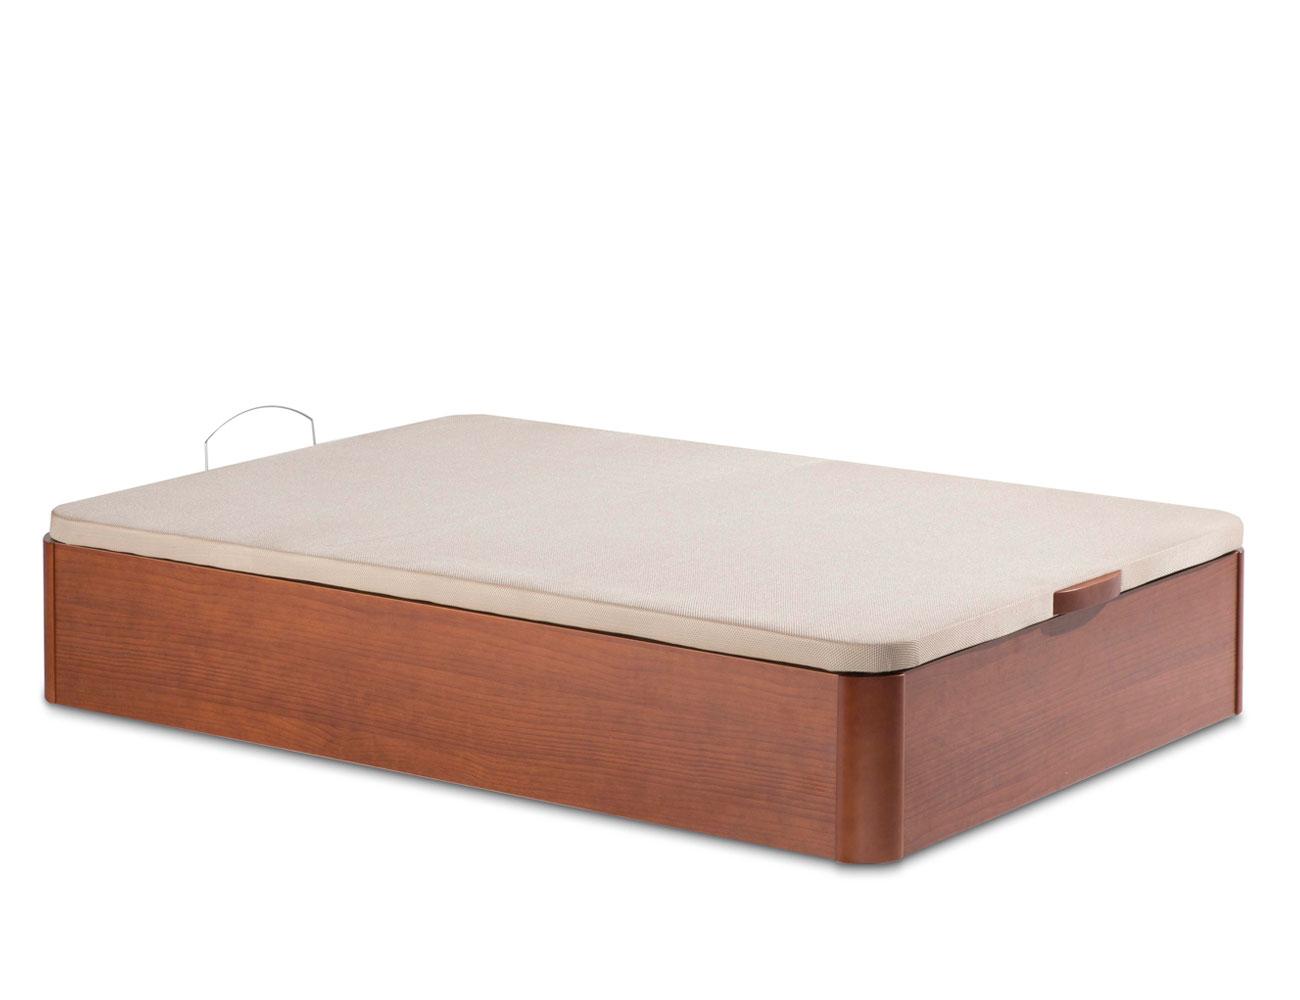 Canape madera base 3d 733